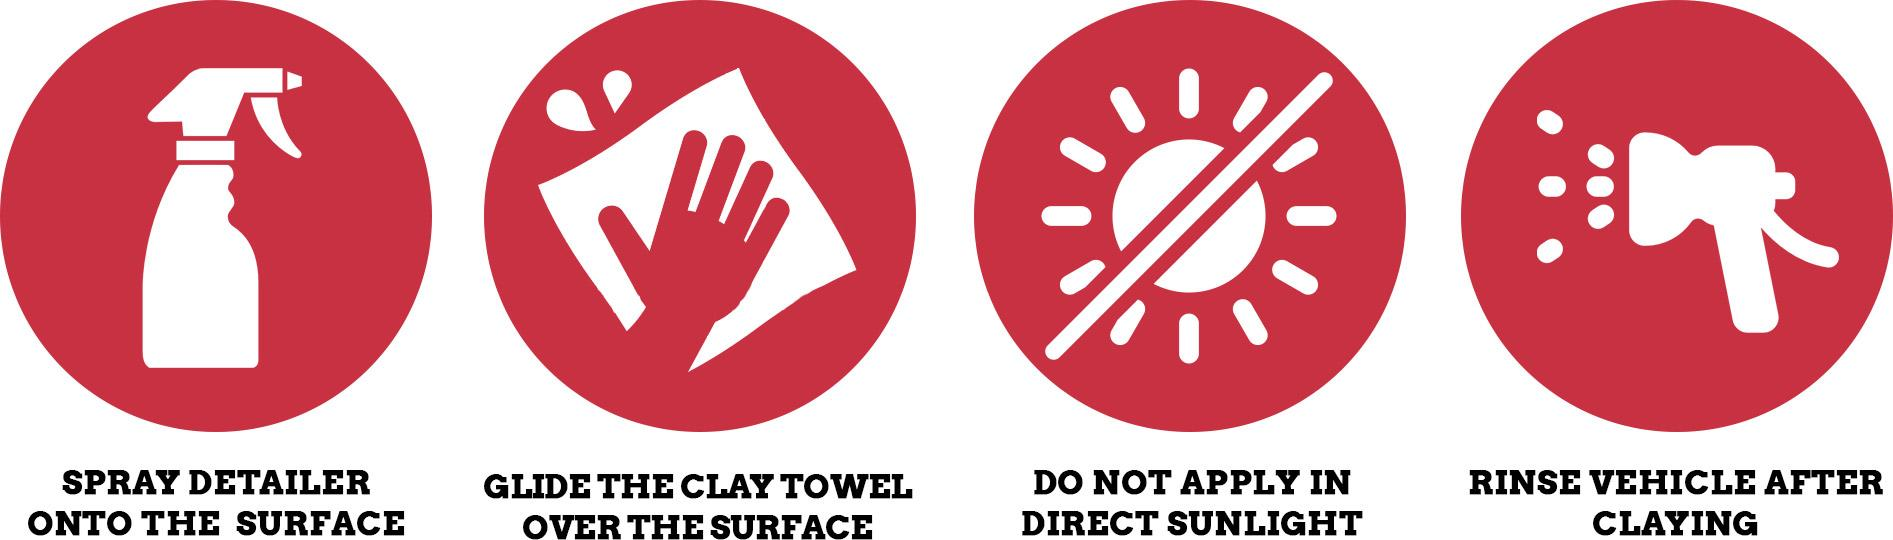 claytowel-website-icons.jpg